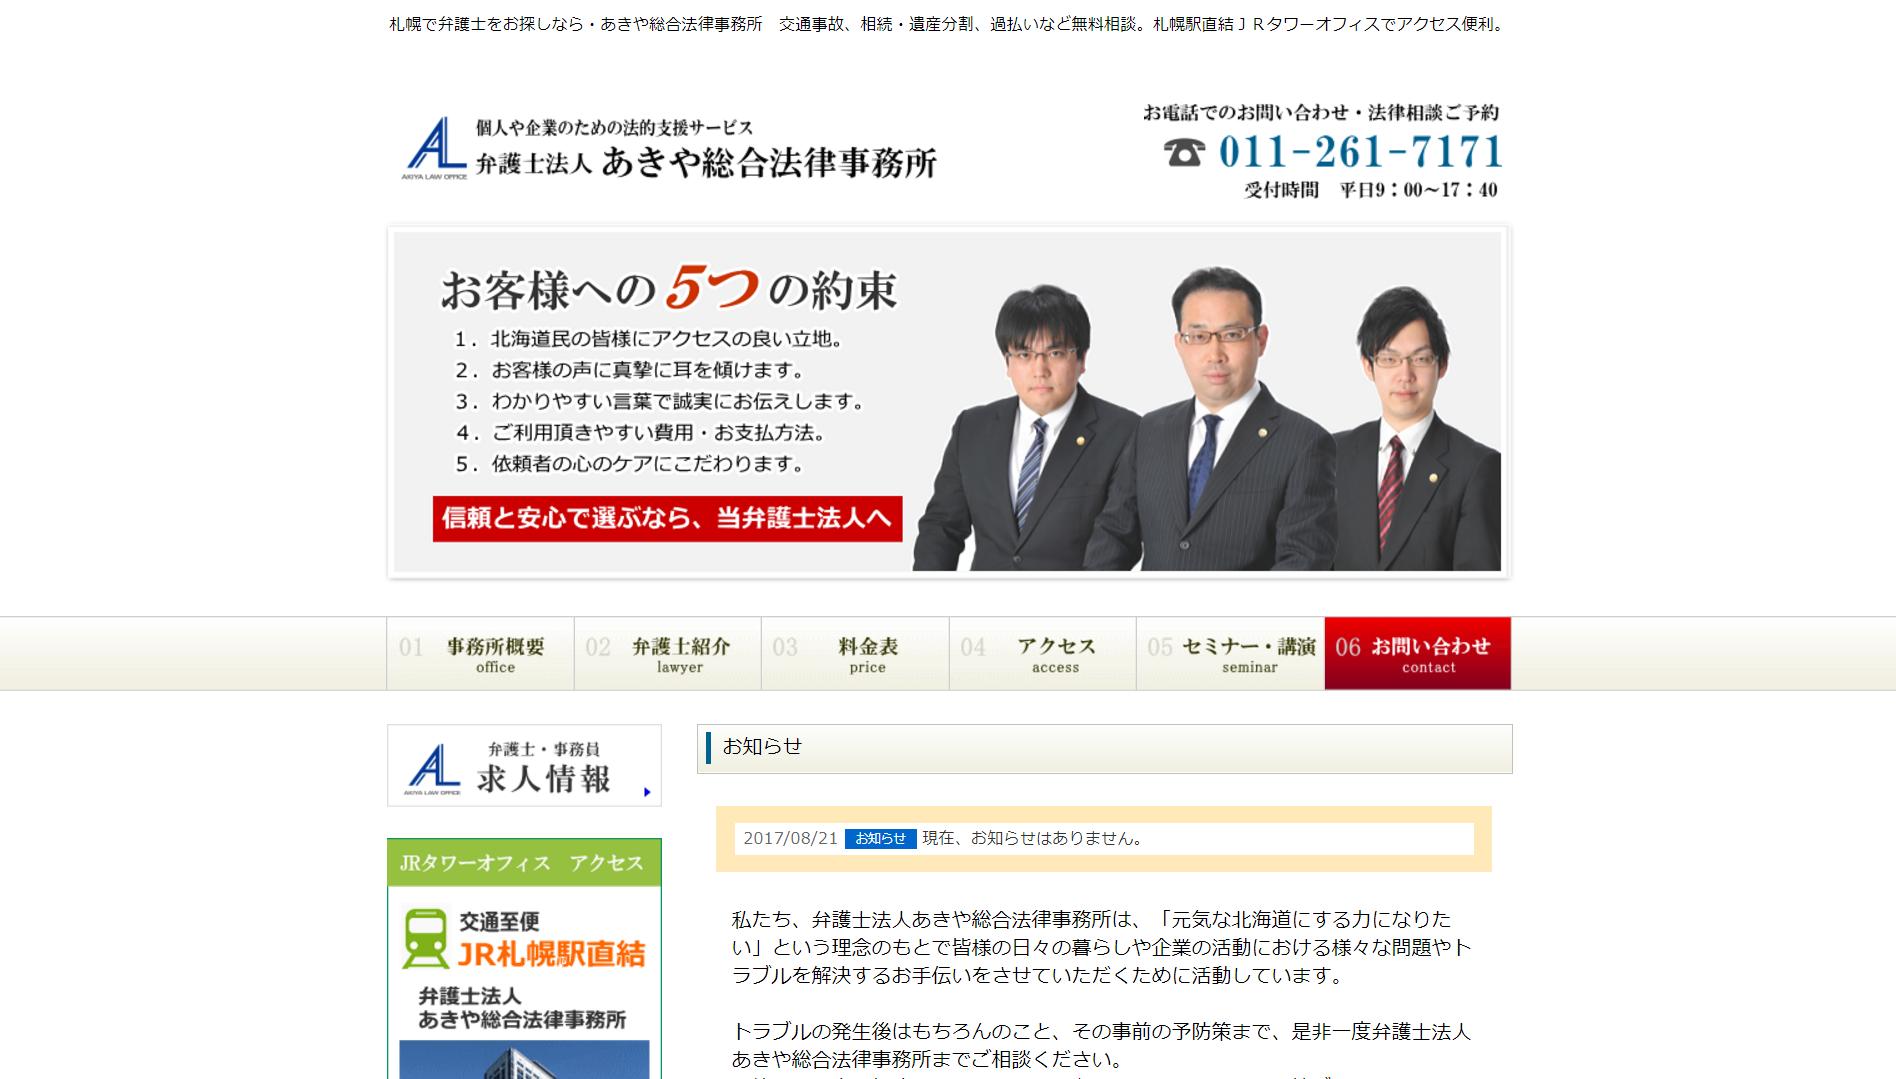 弁護士法人あきや総合法律事務所(北海道札幌市中央区)